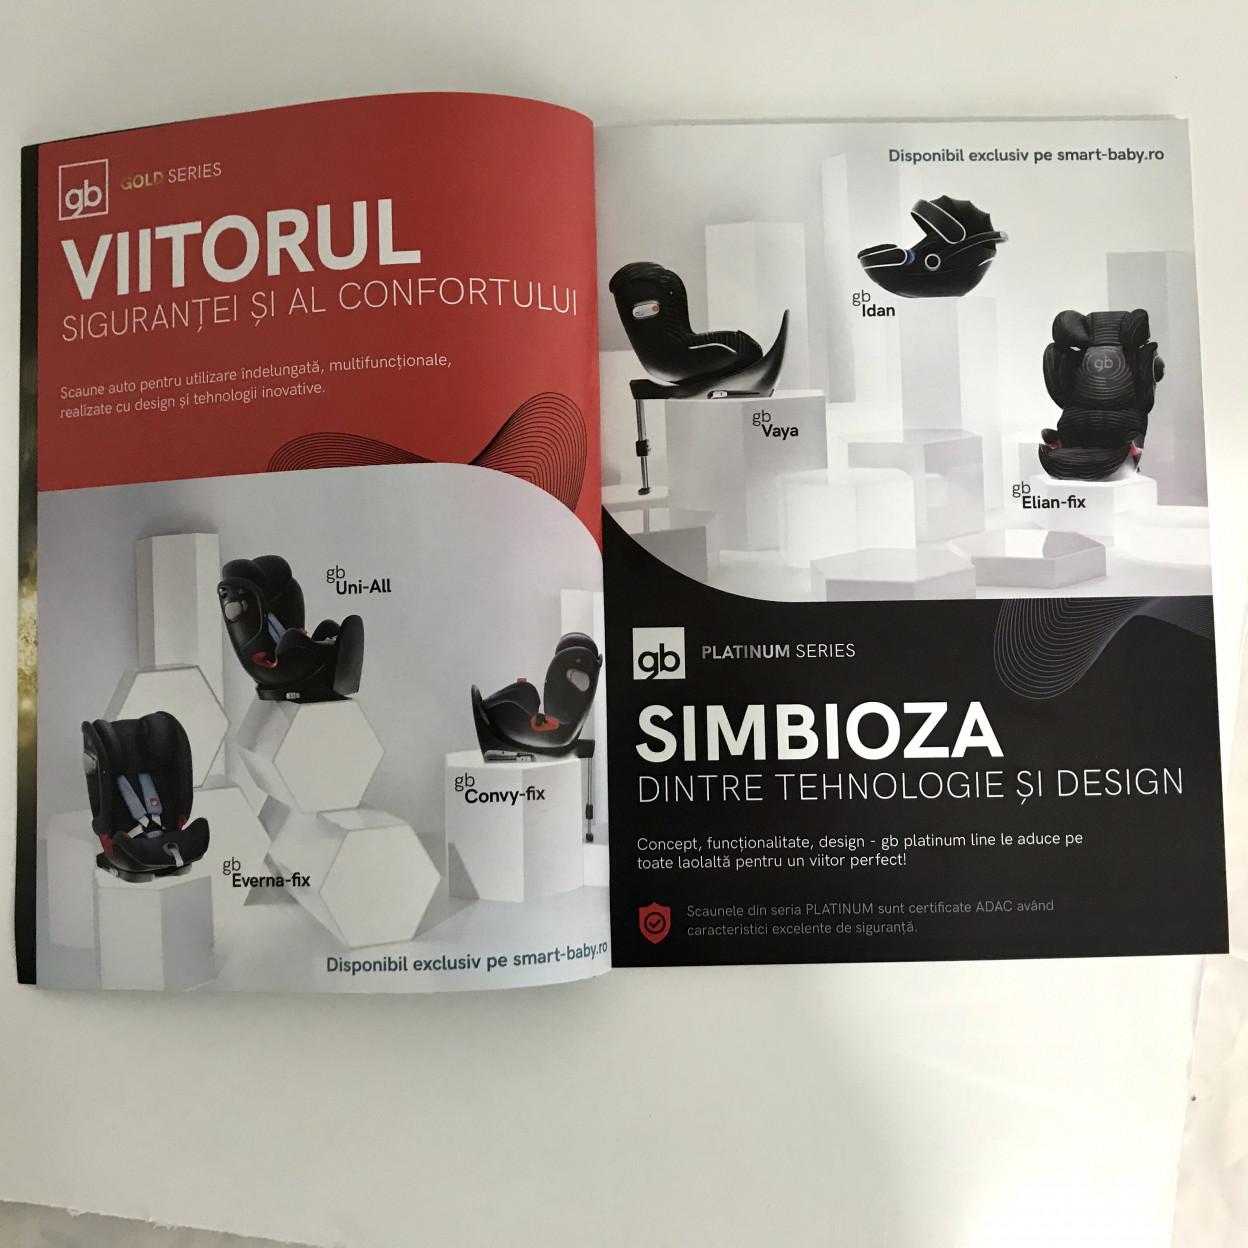 Vizual scaune premium gb Revista FPM